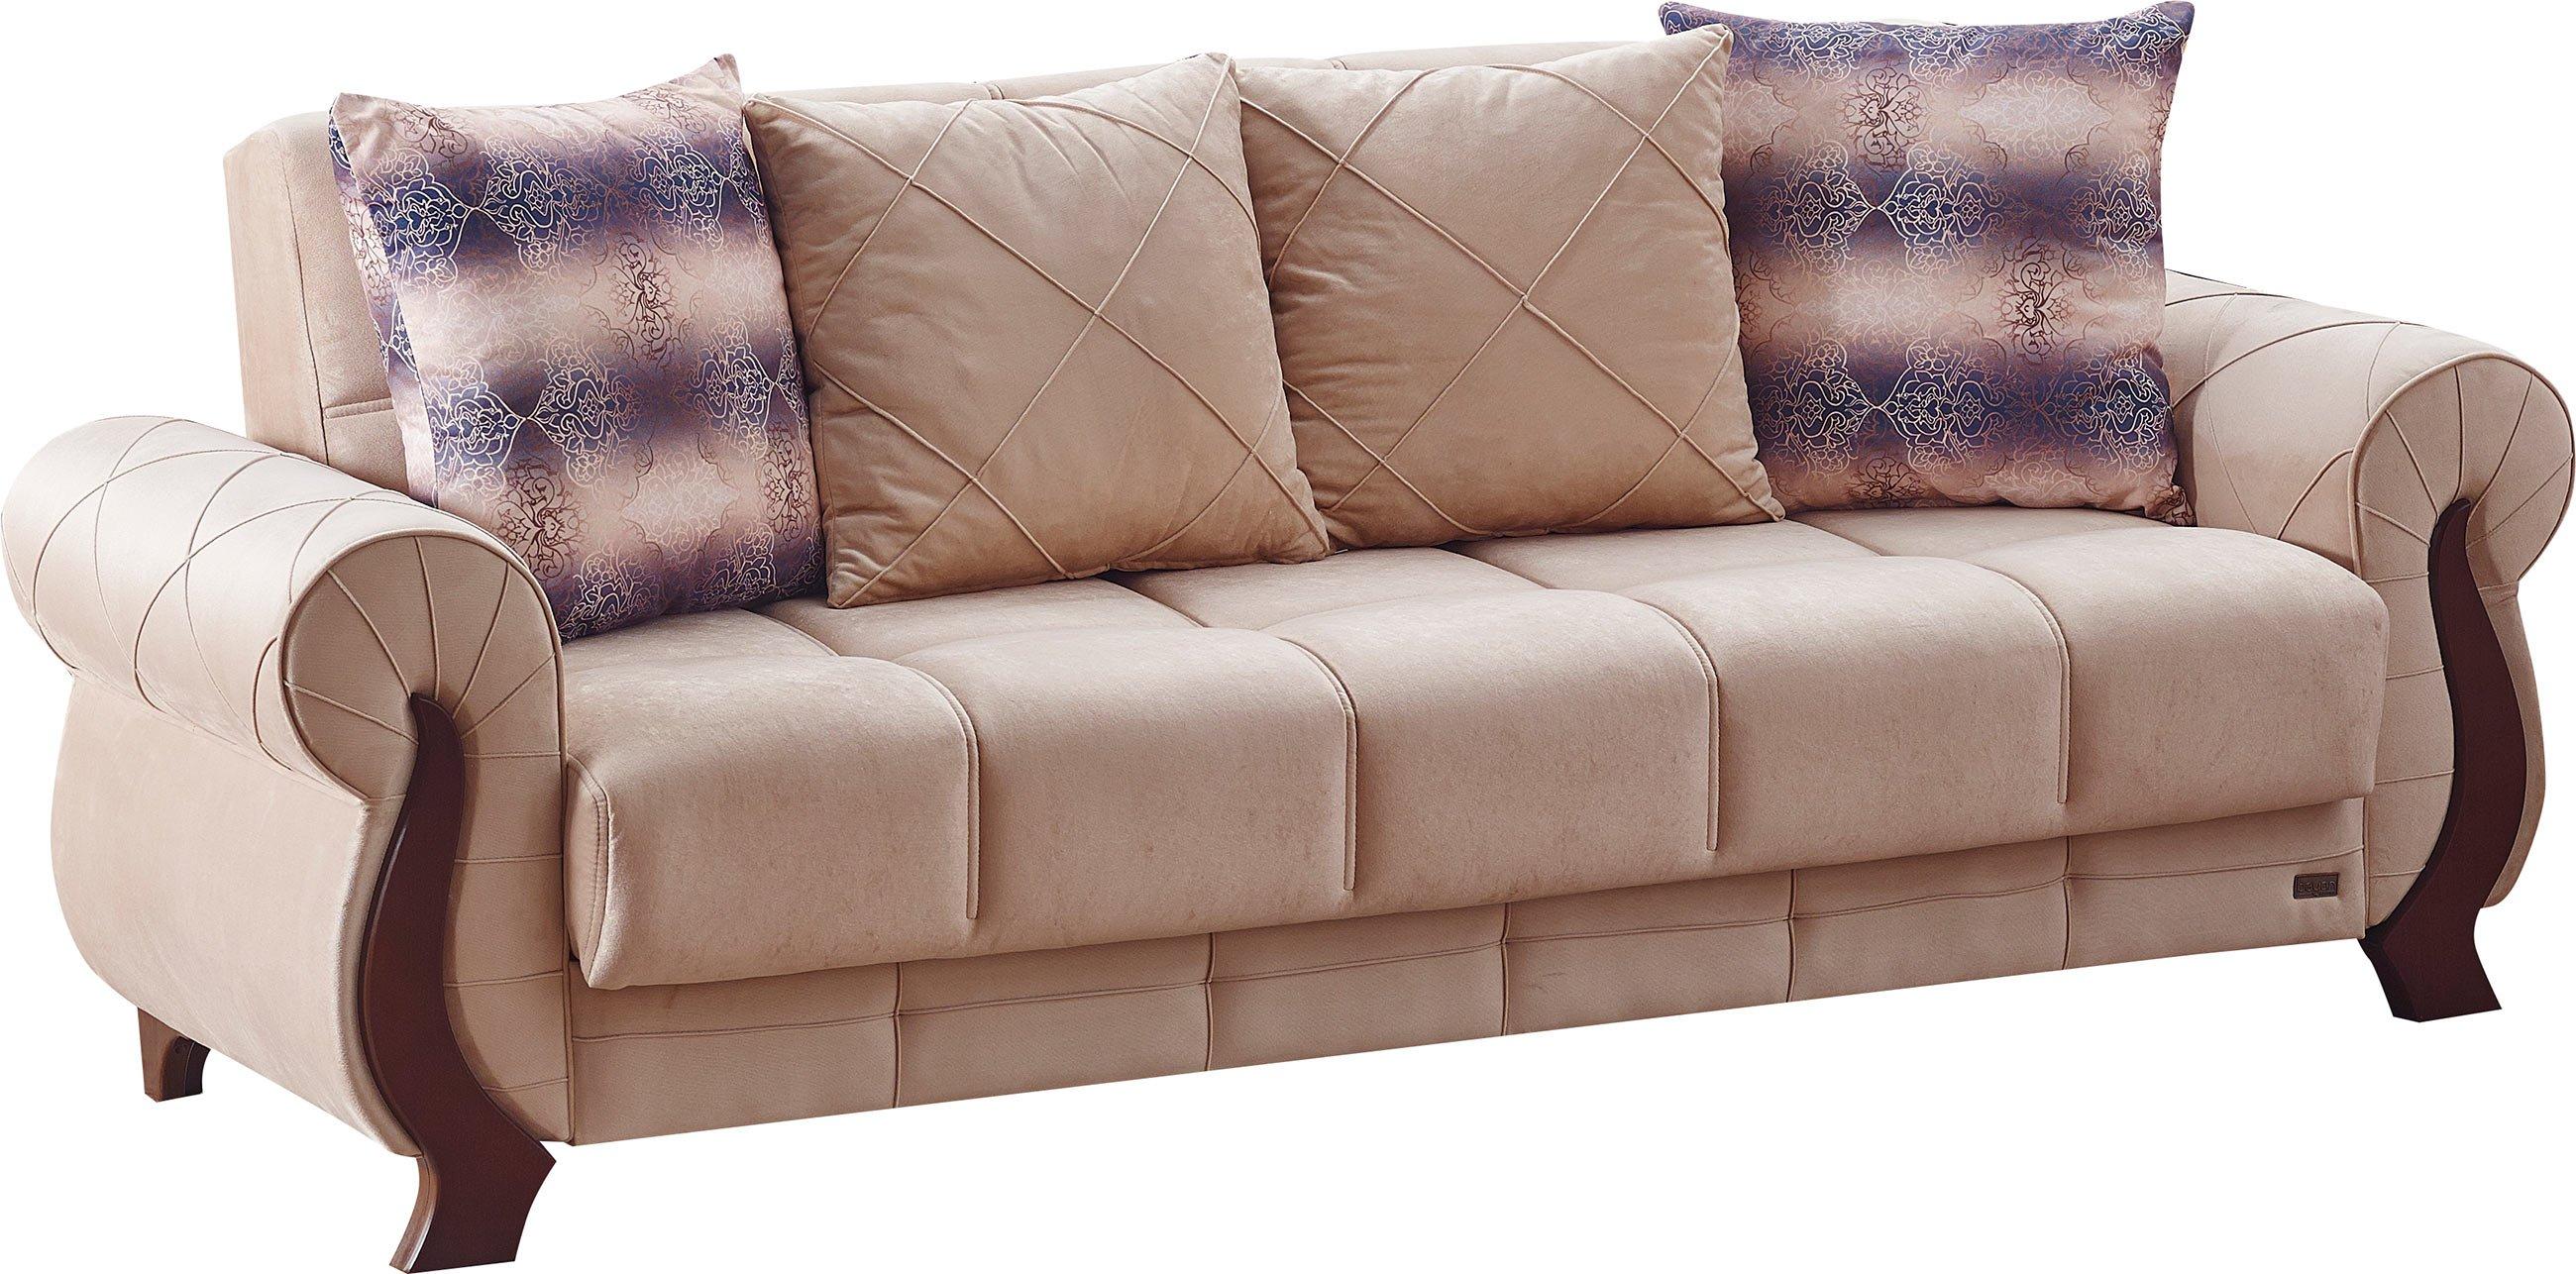 Beige Fabric Sofa Rp Sofa Lofallet Beige Ikea TheSofa